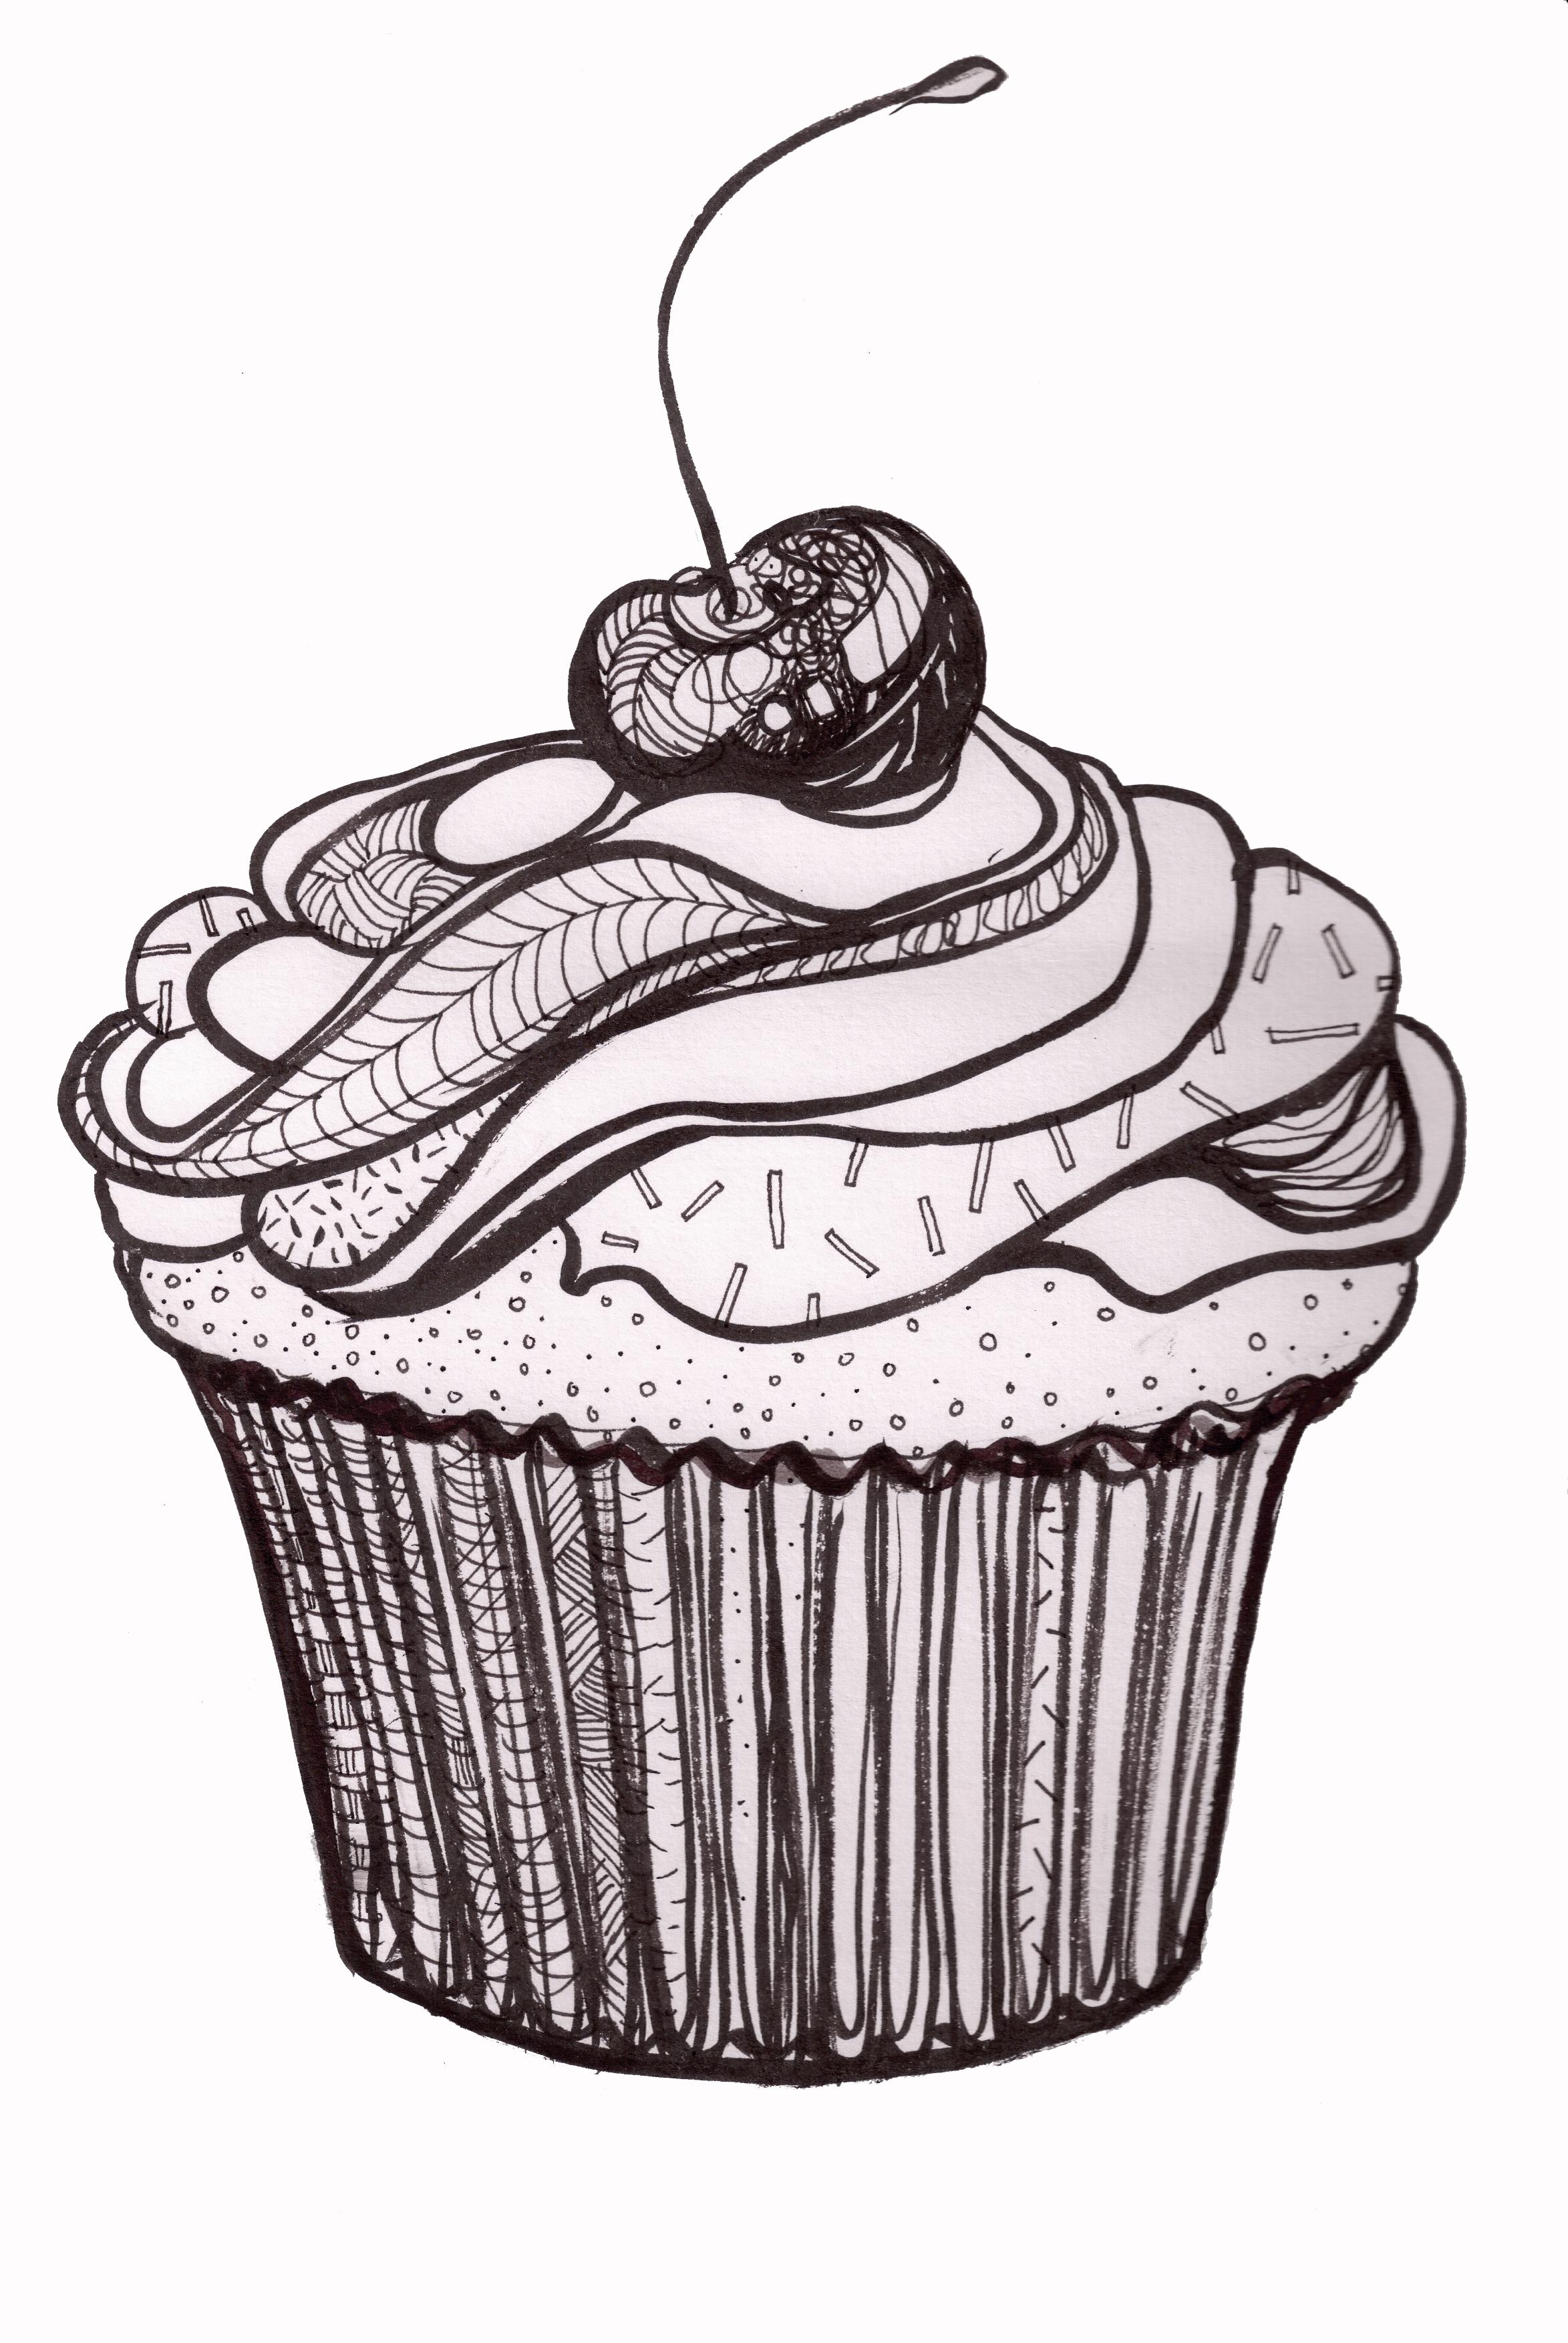 Illustration Friday  Dessert